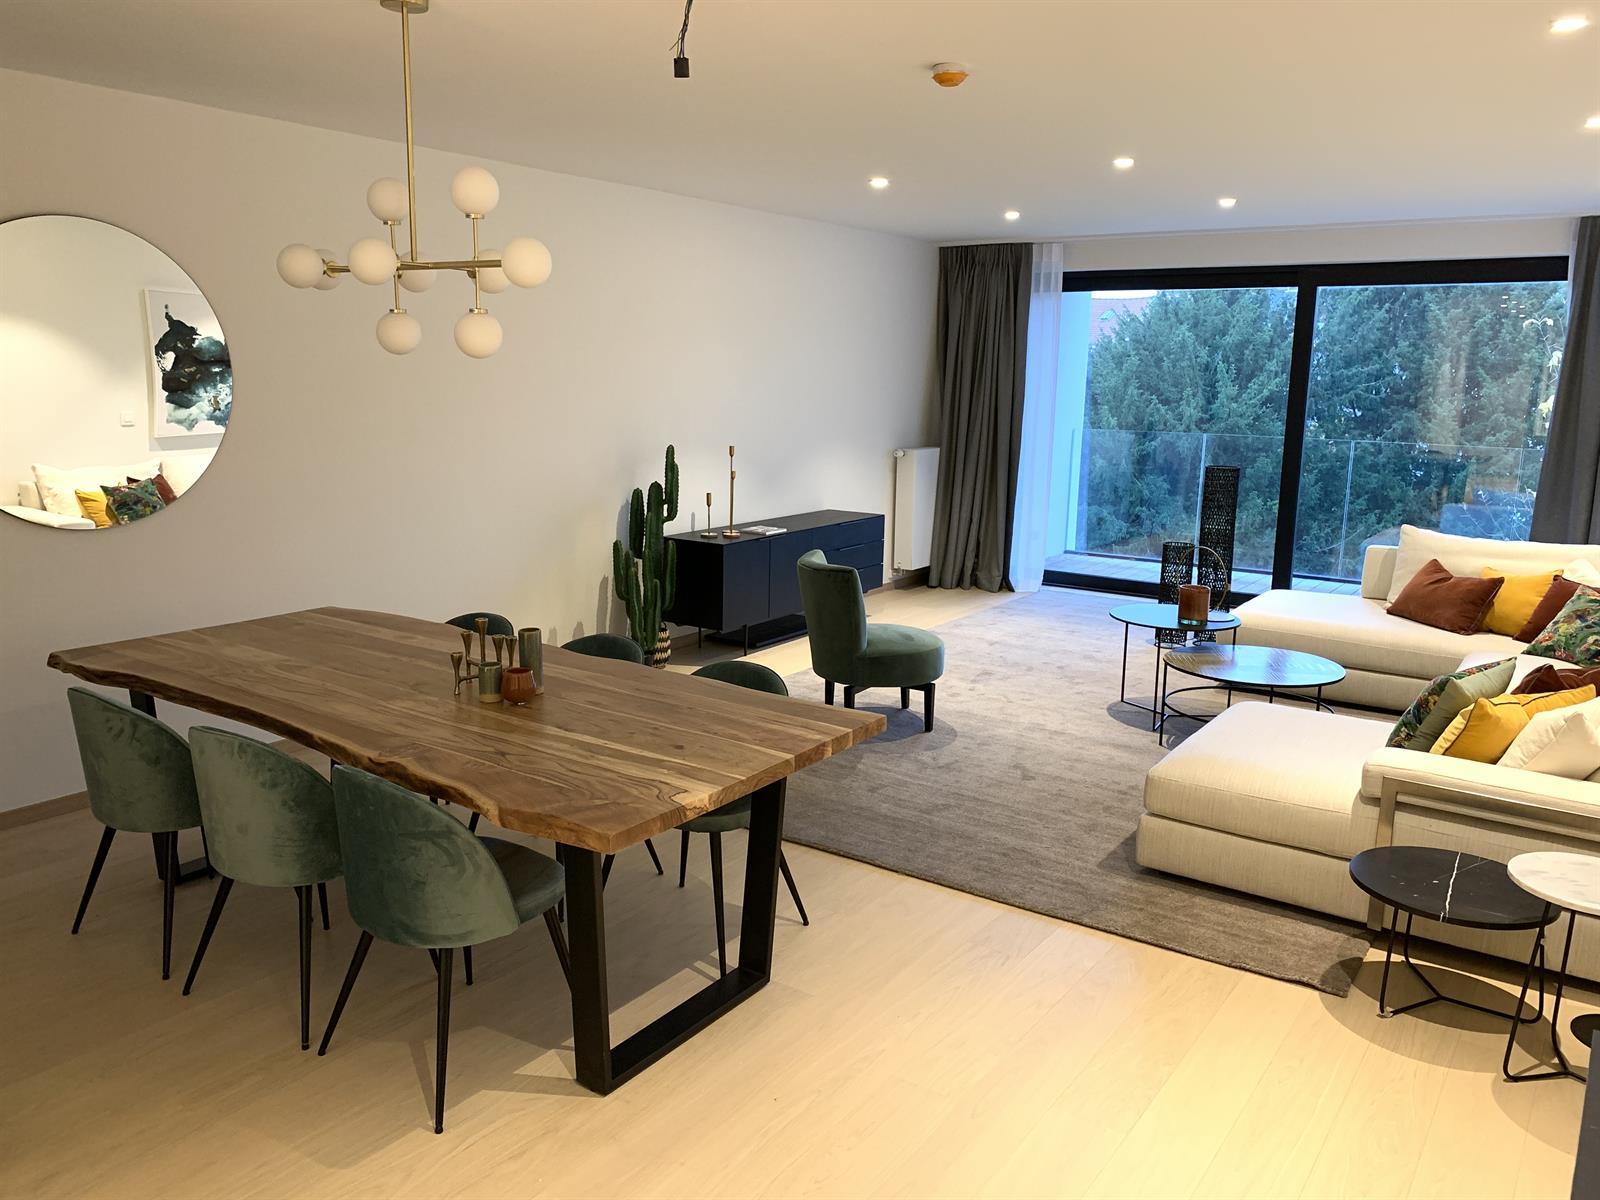 Appartement exceptionnel - Ixelles - #3929614-0